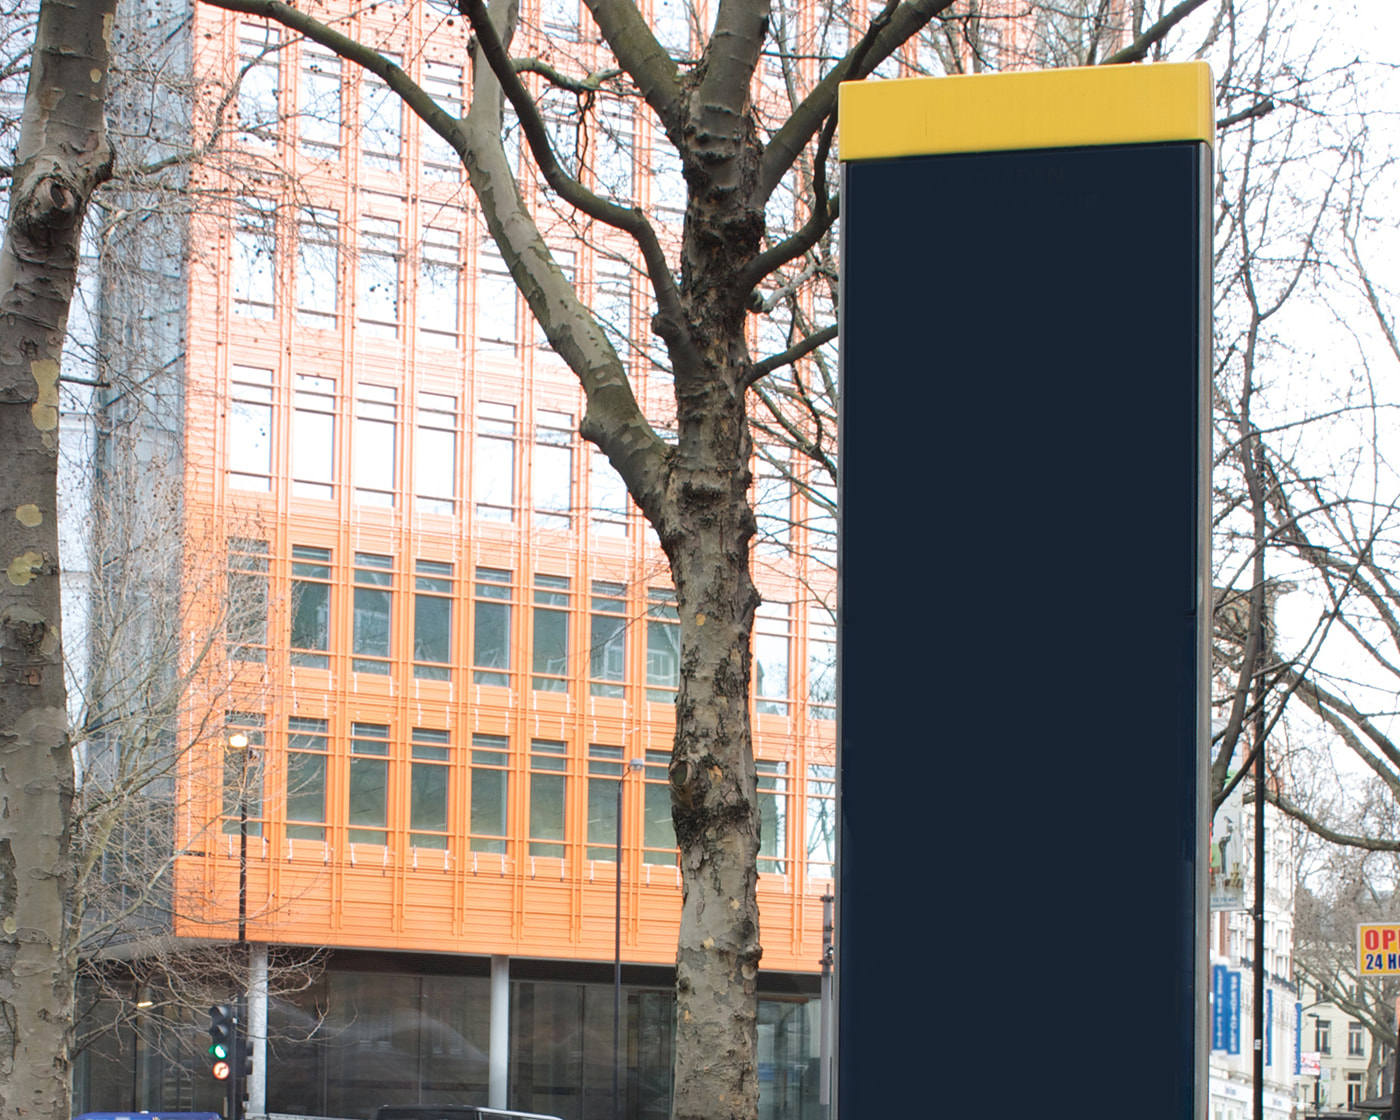 Tall-Street-Signage